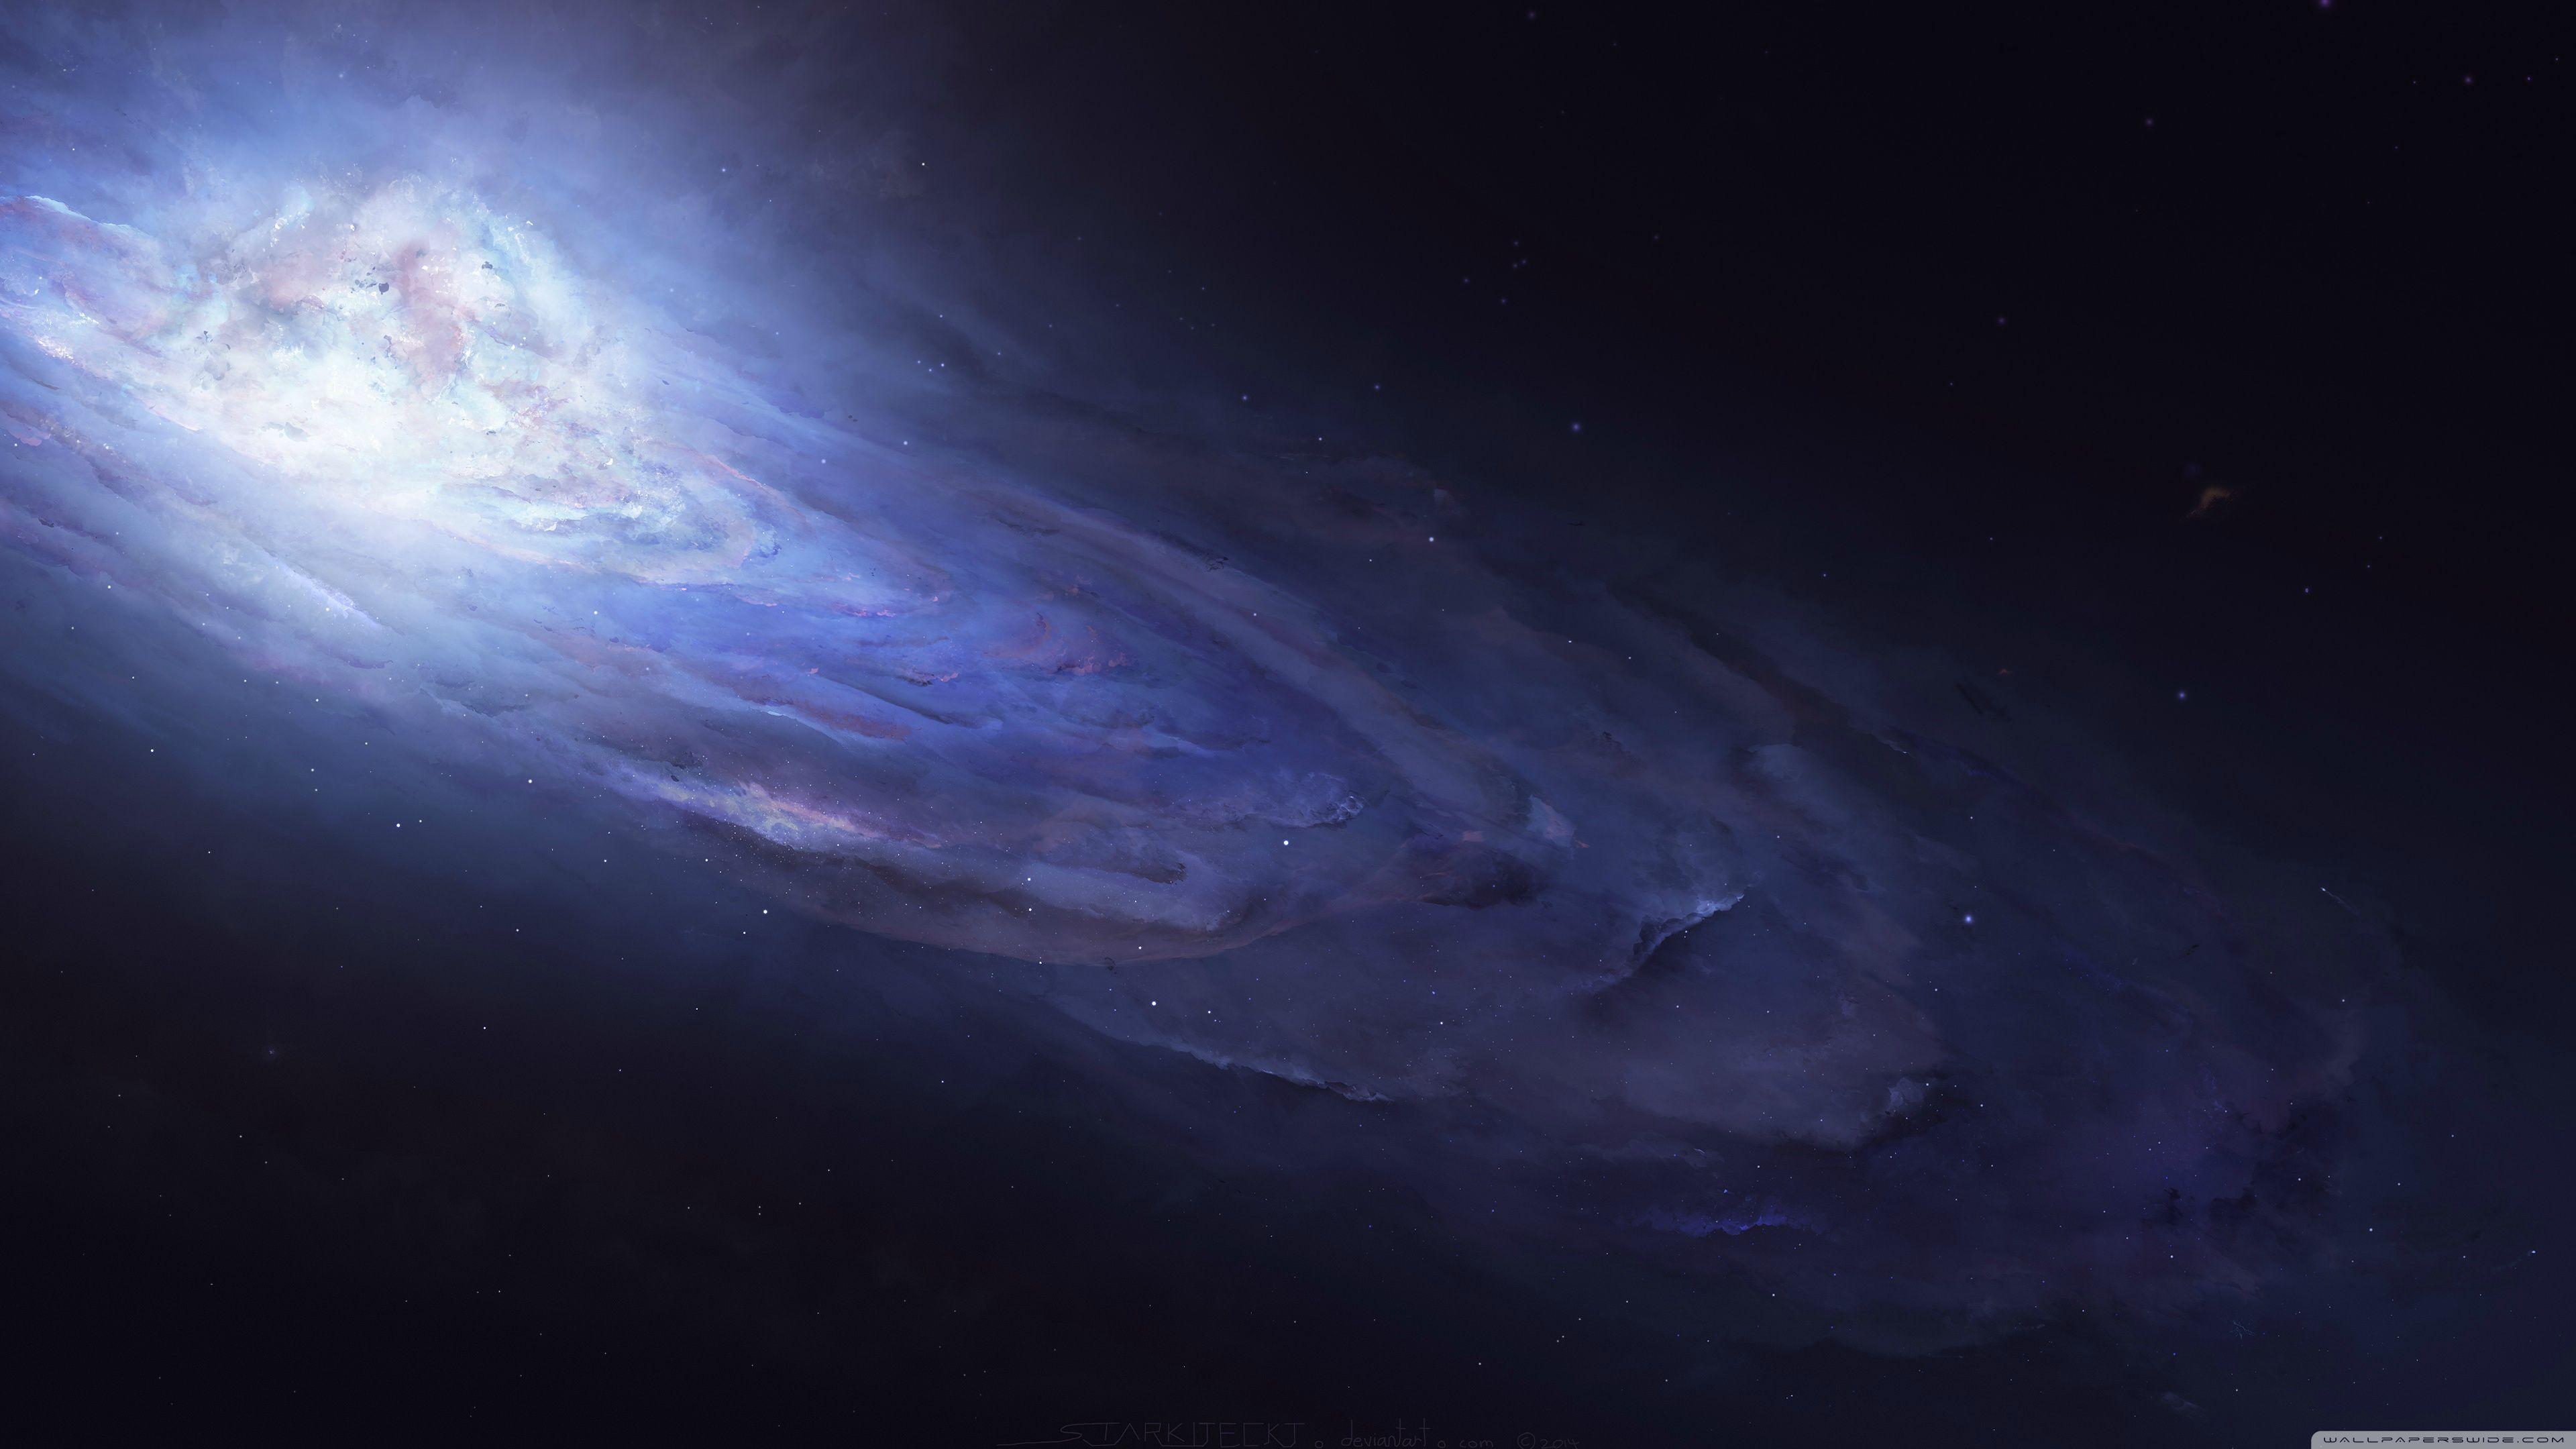 black hole on earth 4k hd desktop wallpaper for 4k ultra - HD3840×2160